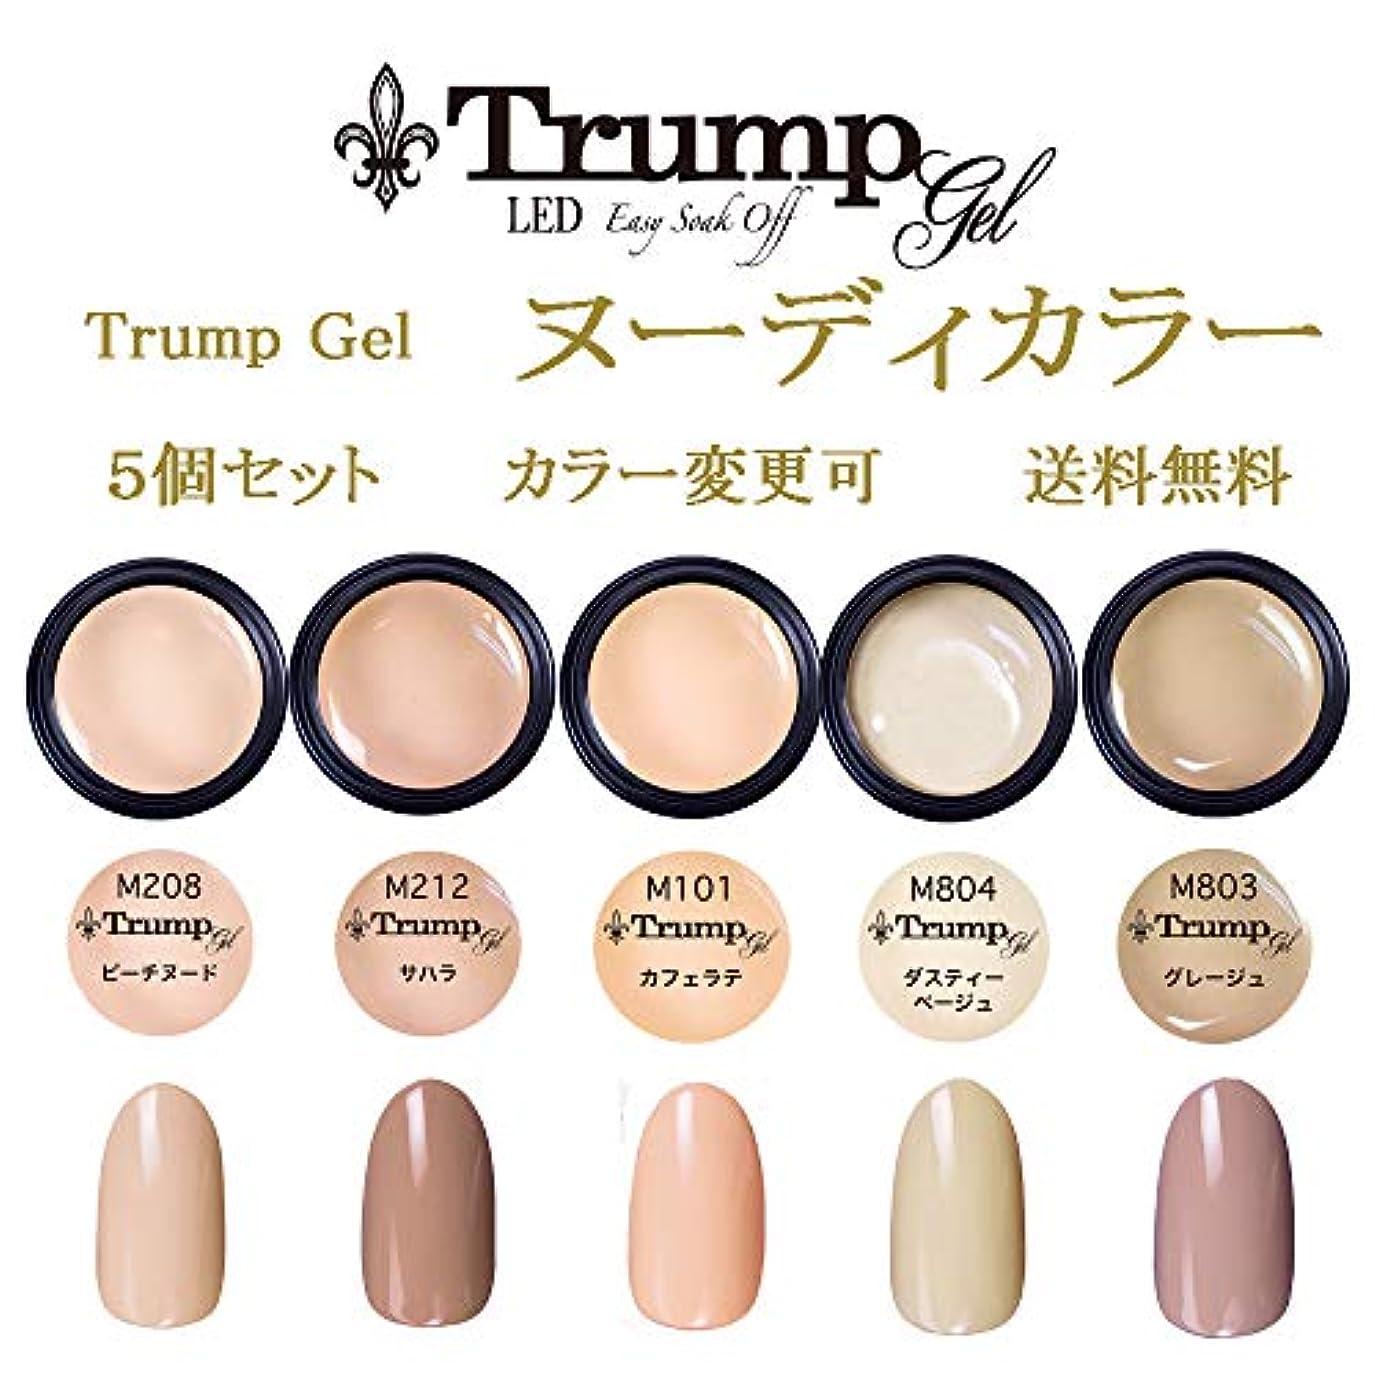 ほのめかす抜粋安心日本製 Trump gel トランプジェル ヌーディカラー 選べる カラージェル 5個セット ベージュ ブラウン ピンク